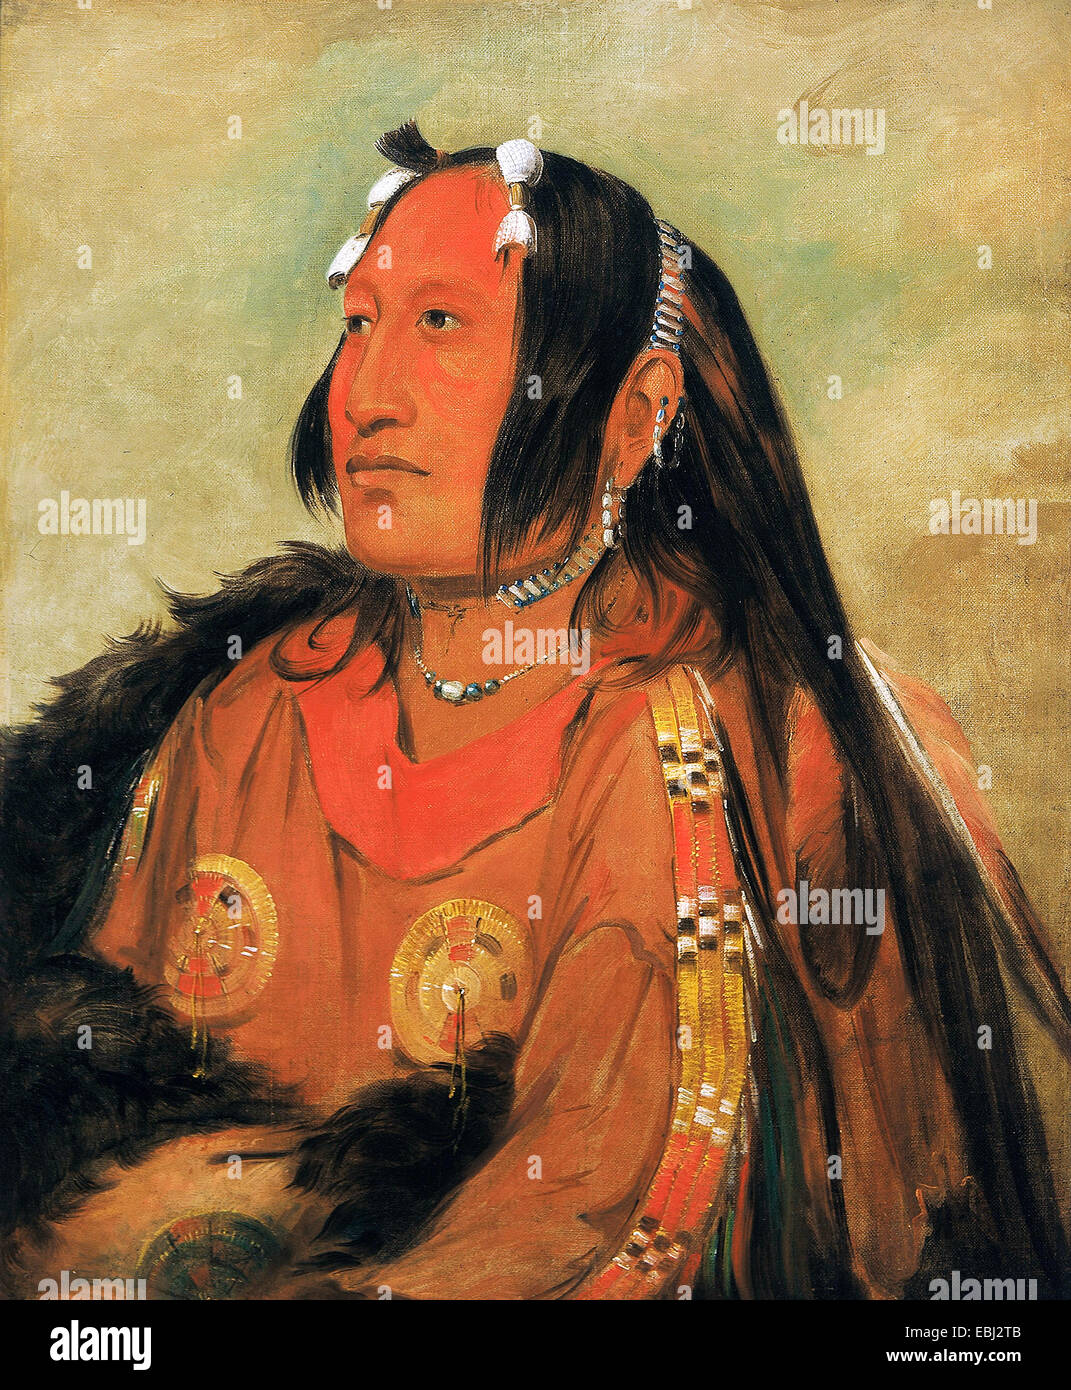 Paul Gauguin, Wi-jun-jon, cabeza de huevo de la Paloma (la luz), un distinguido joven guerrero 1831 Óleo sobre lienzo. Foto de stock